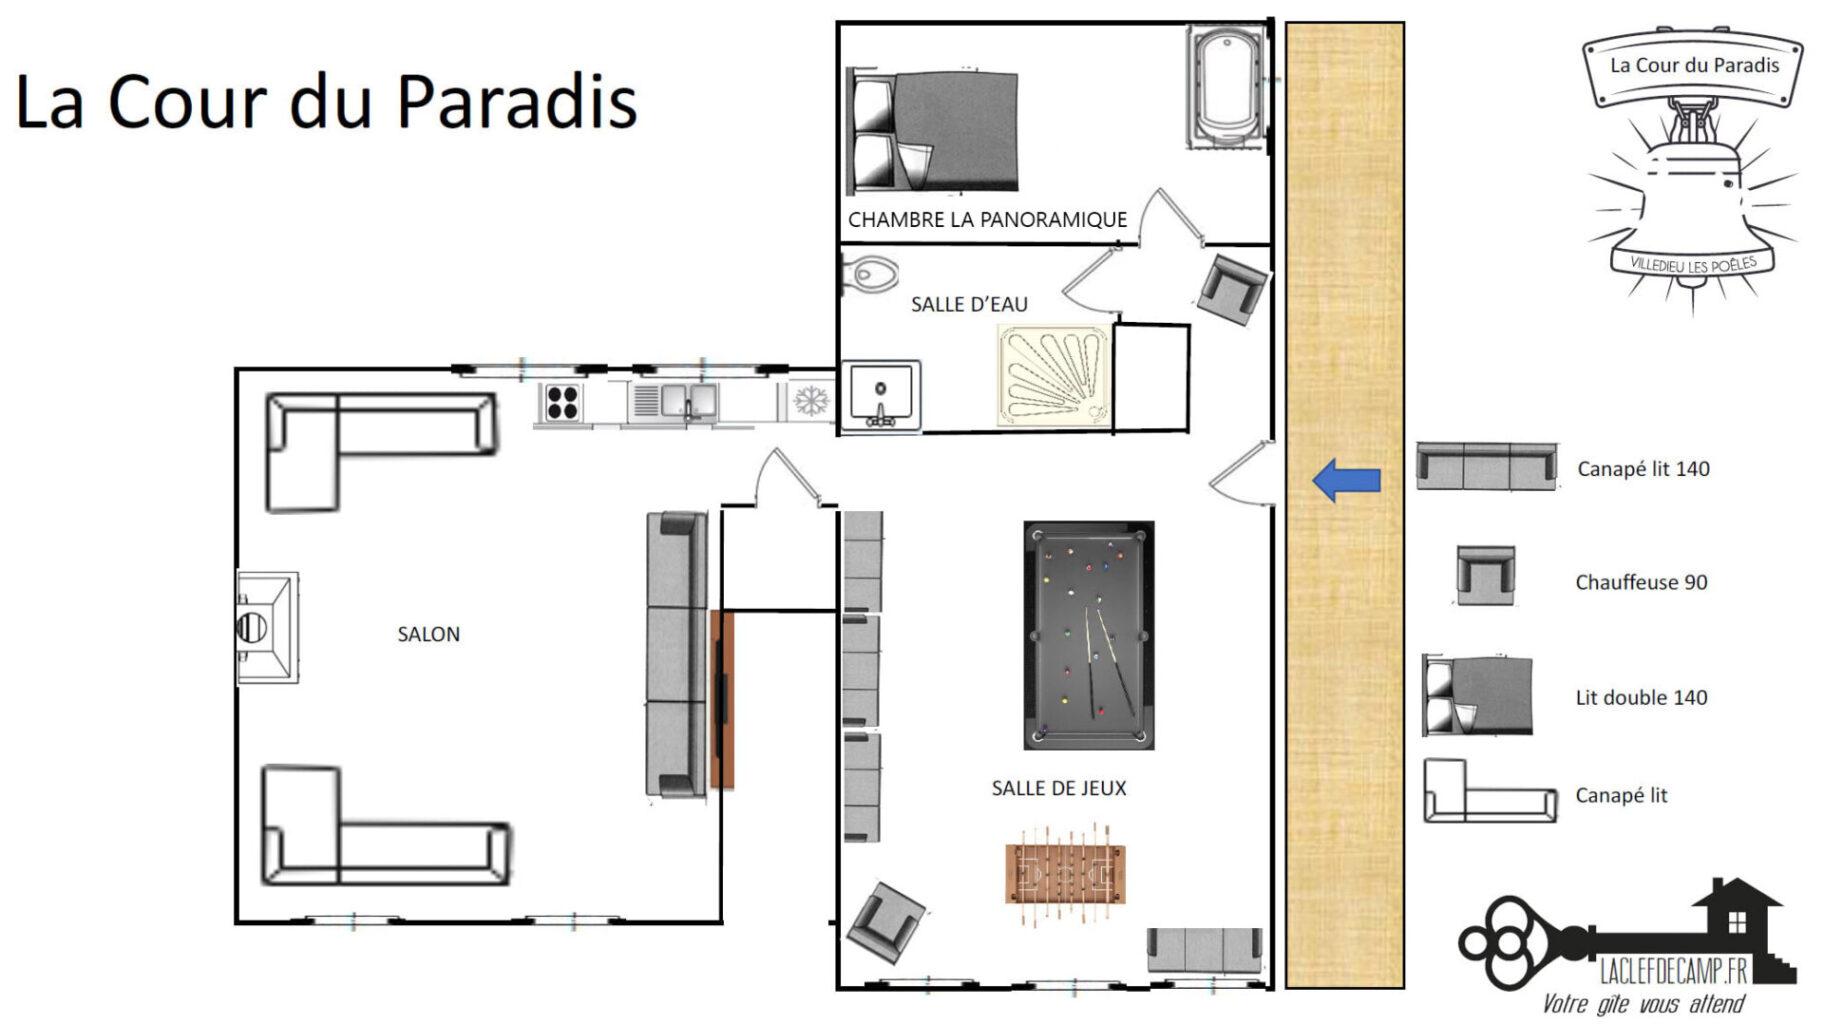 La-Cour-du-paradis plan2